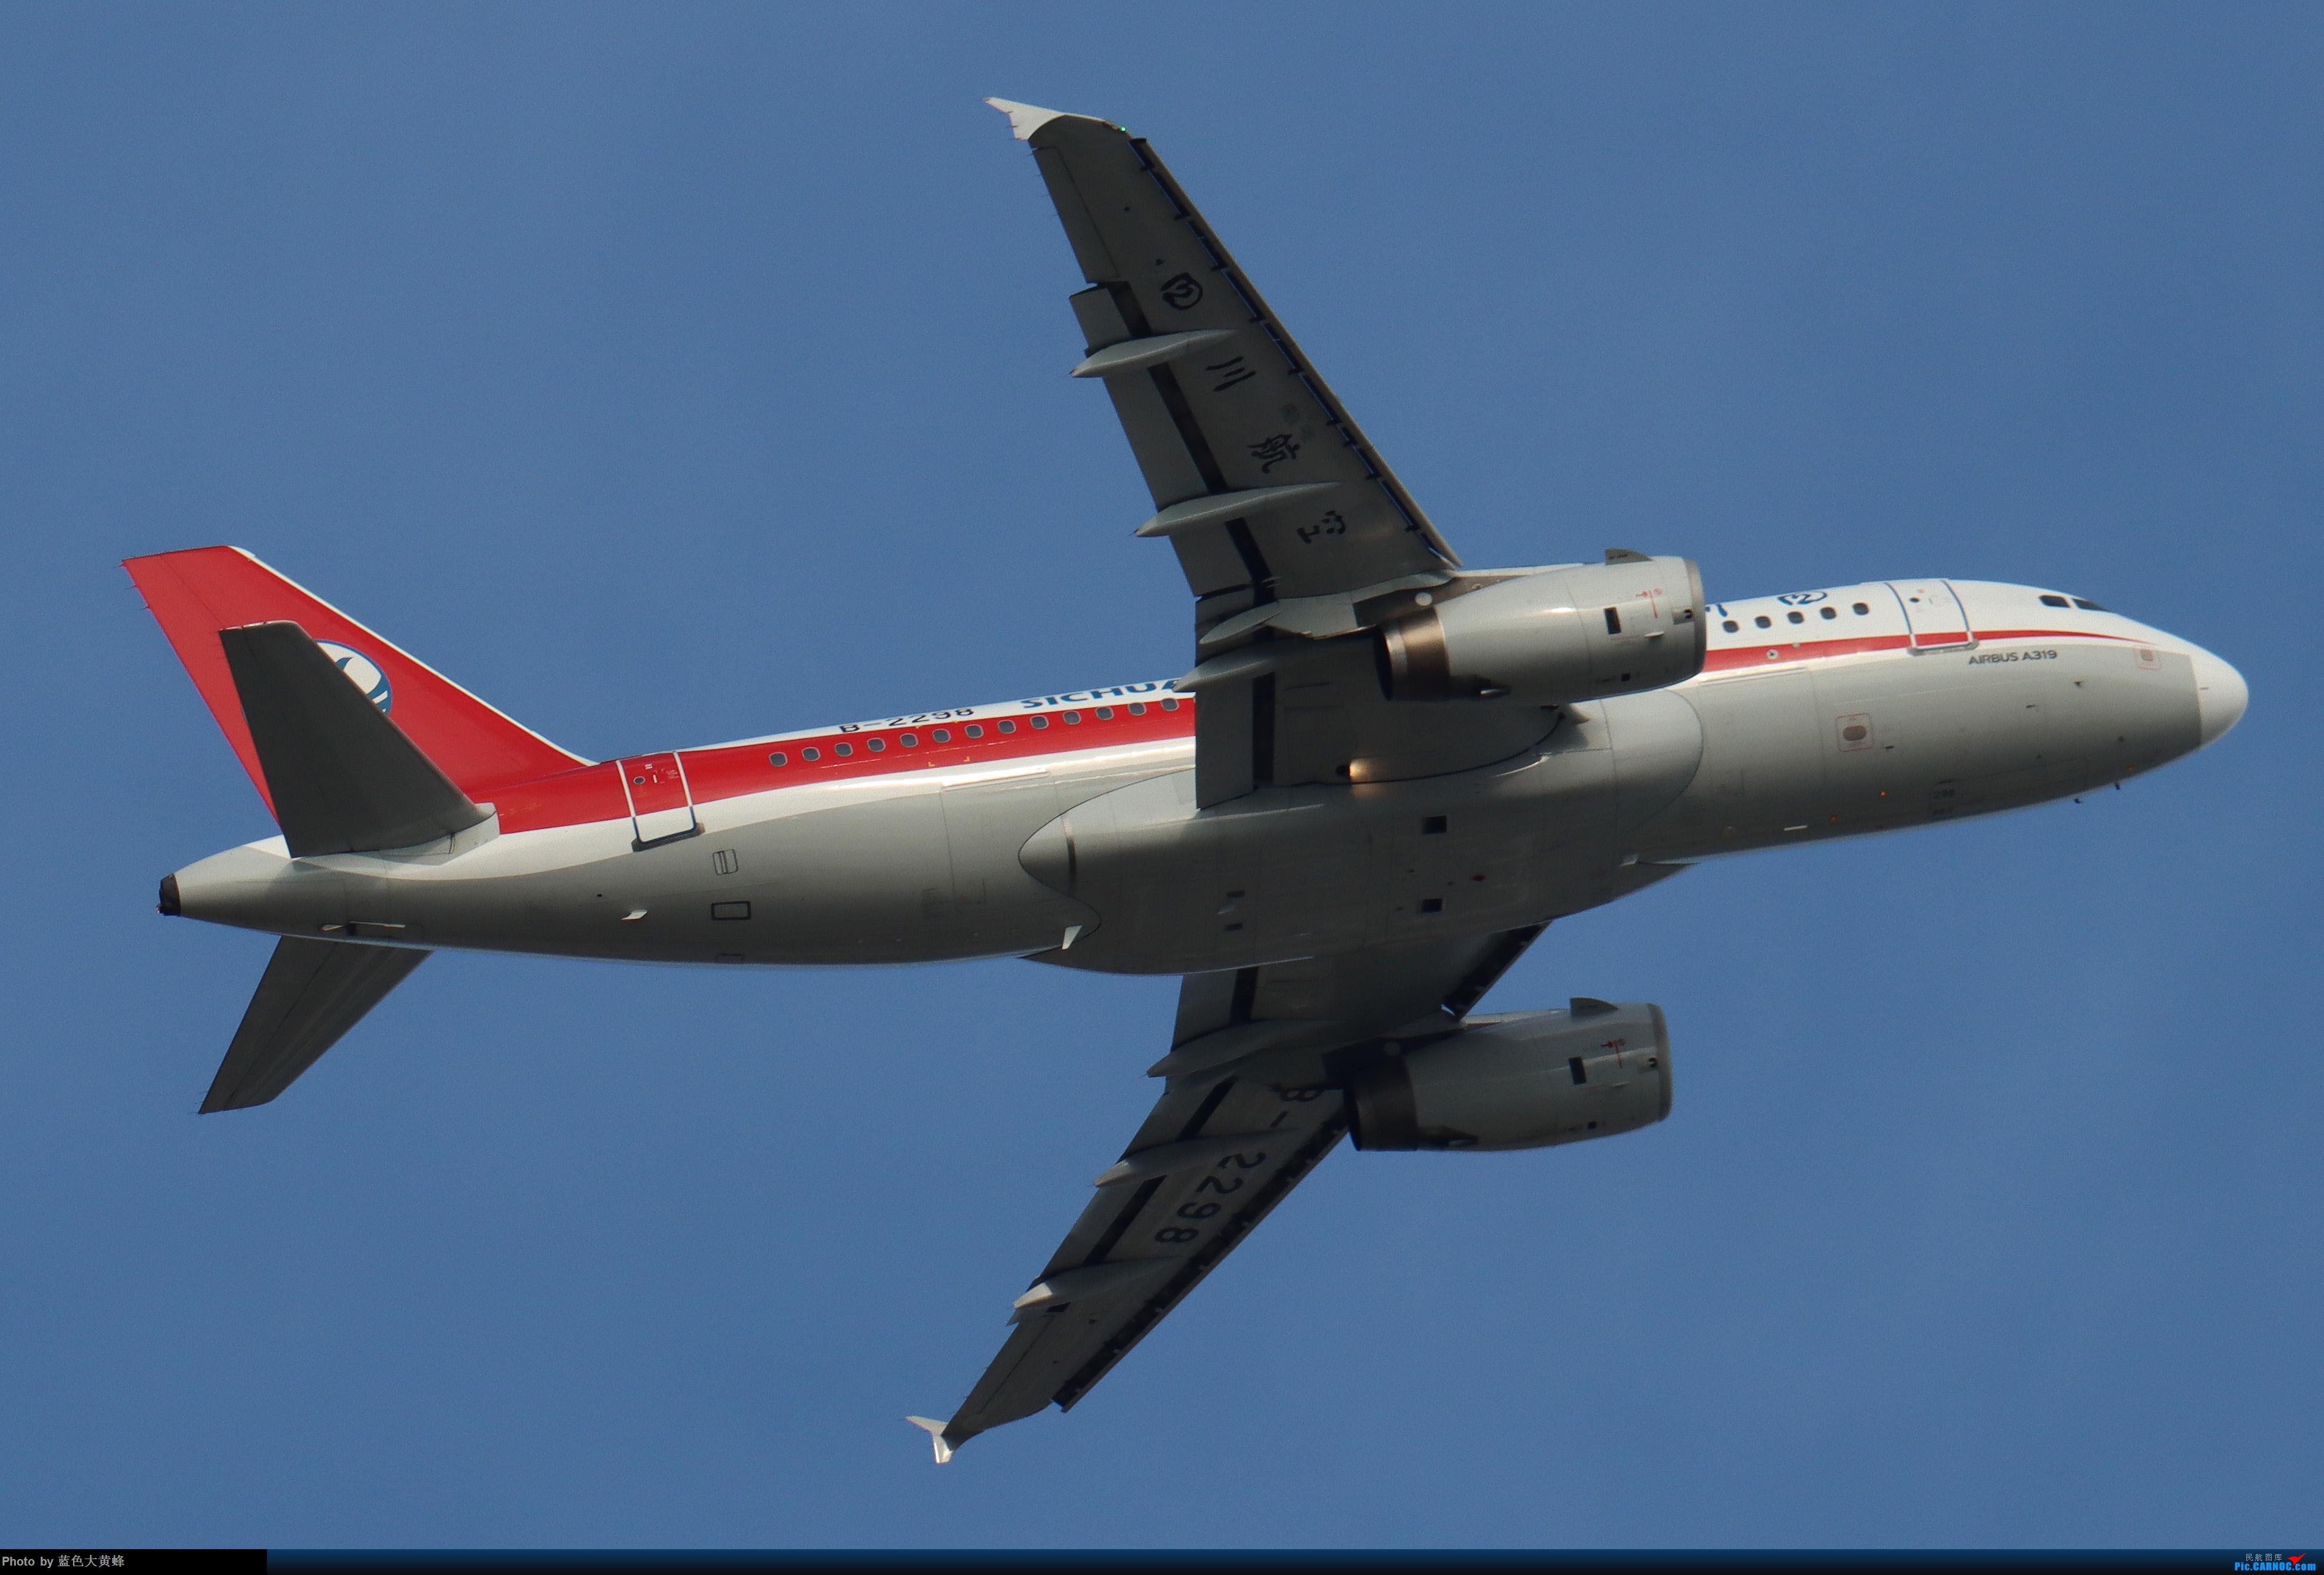 Re:[原创]PEK5.24随拍 AIRBUS A319-100 B-2298 中国北京首都国际机场